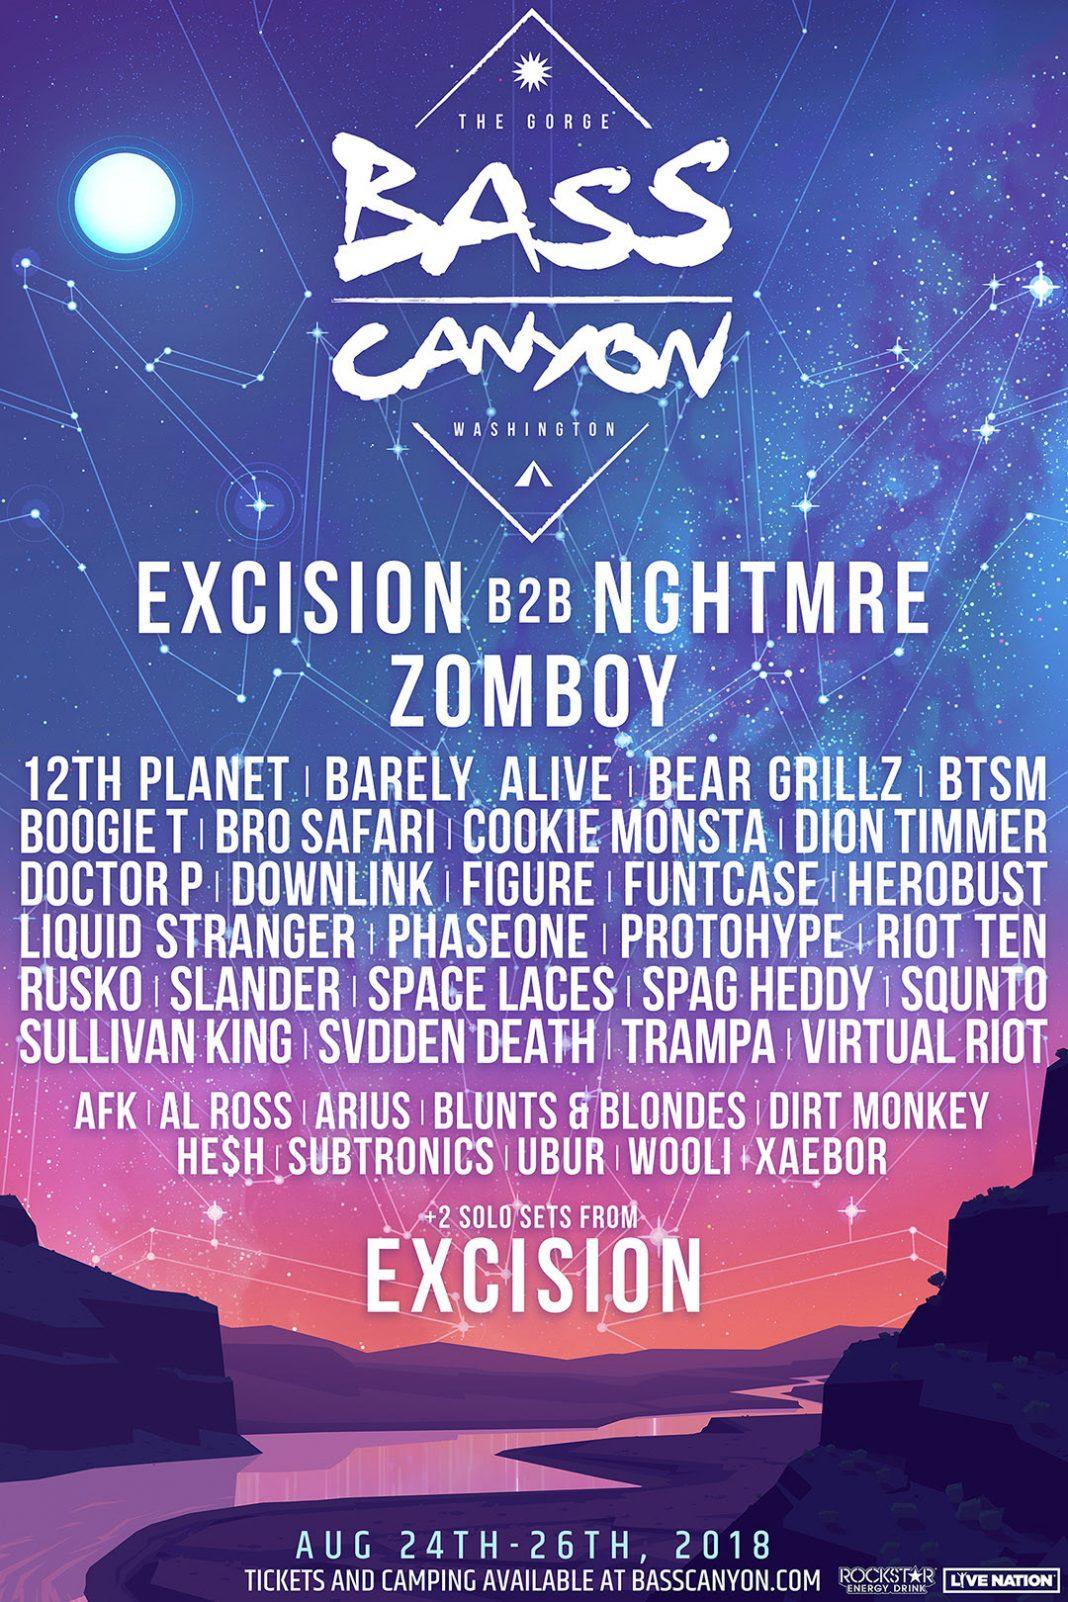 Bass Canyon Lineup